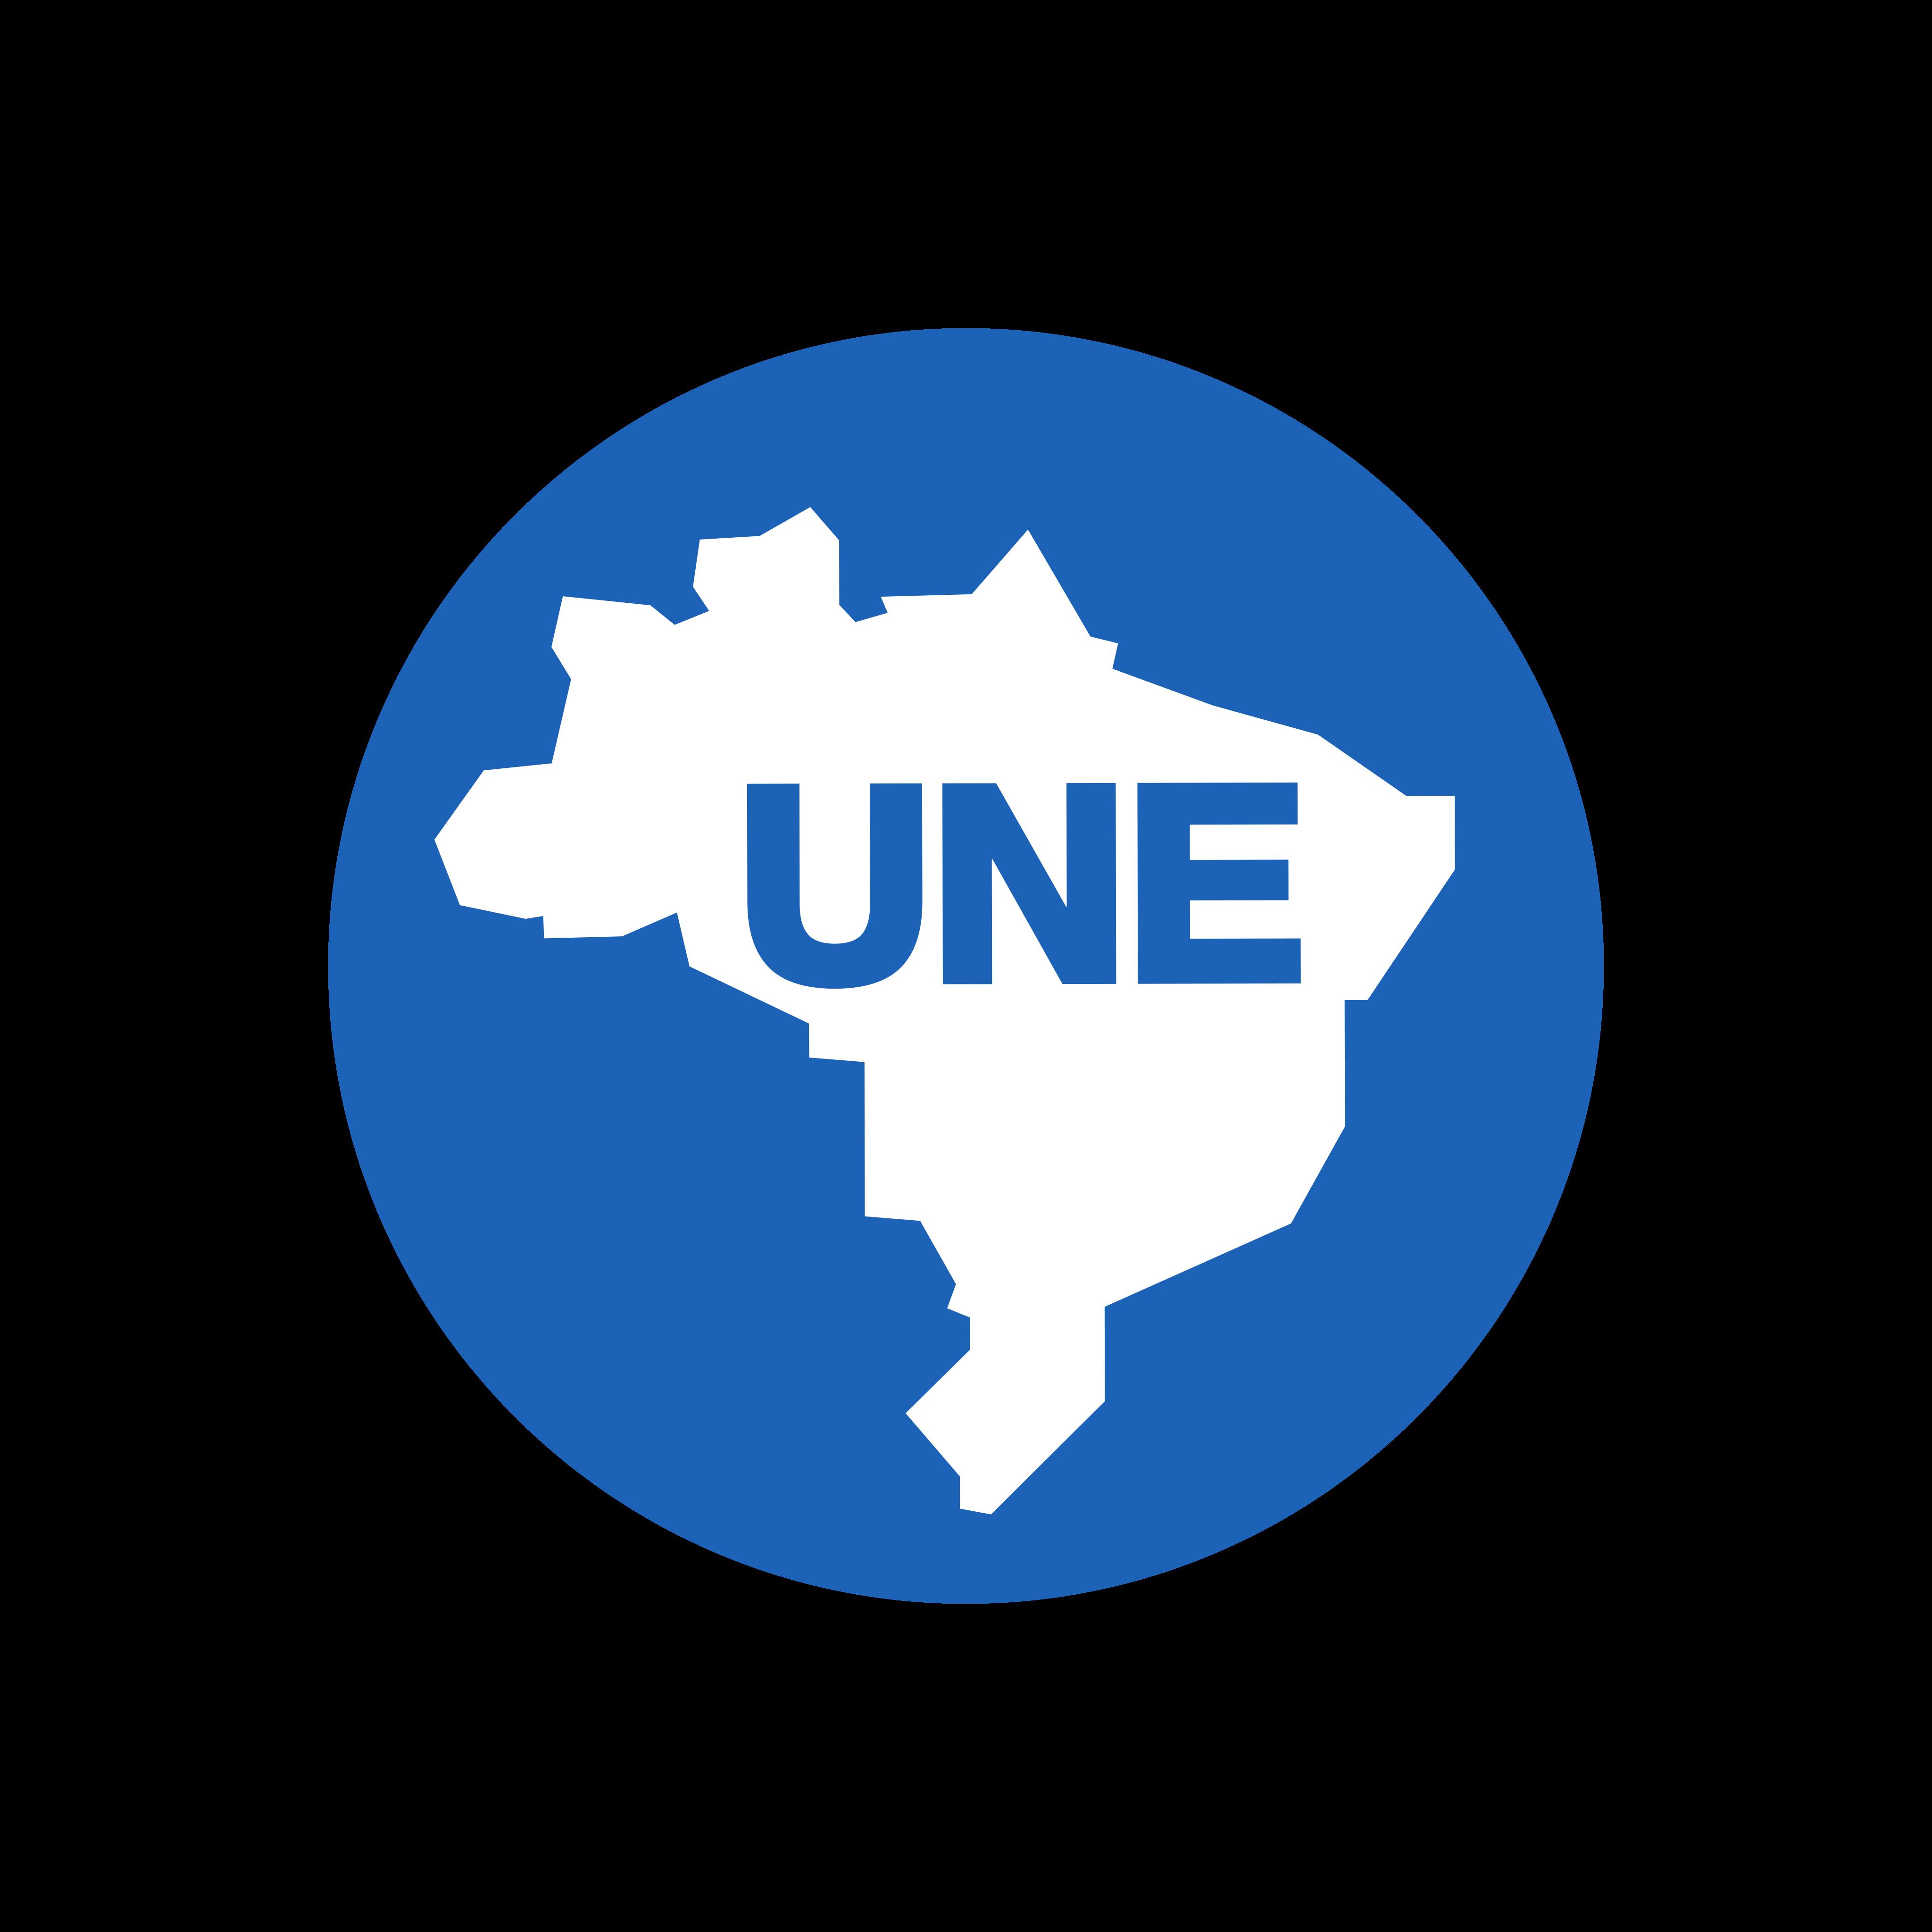 une logo 0 - UNE Logo - União Nacional dos Estudantes